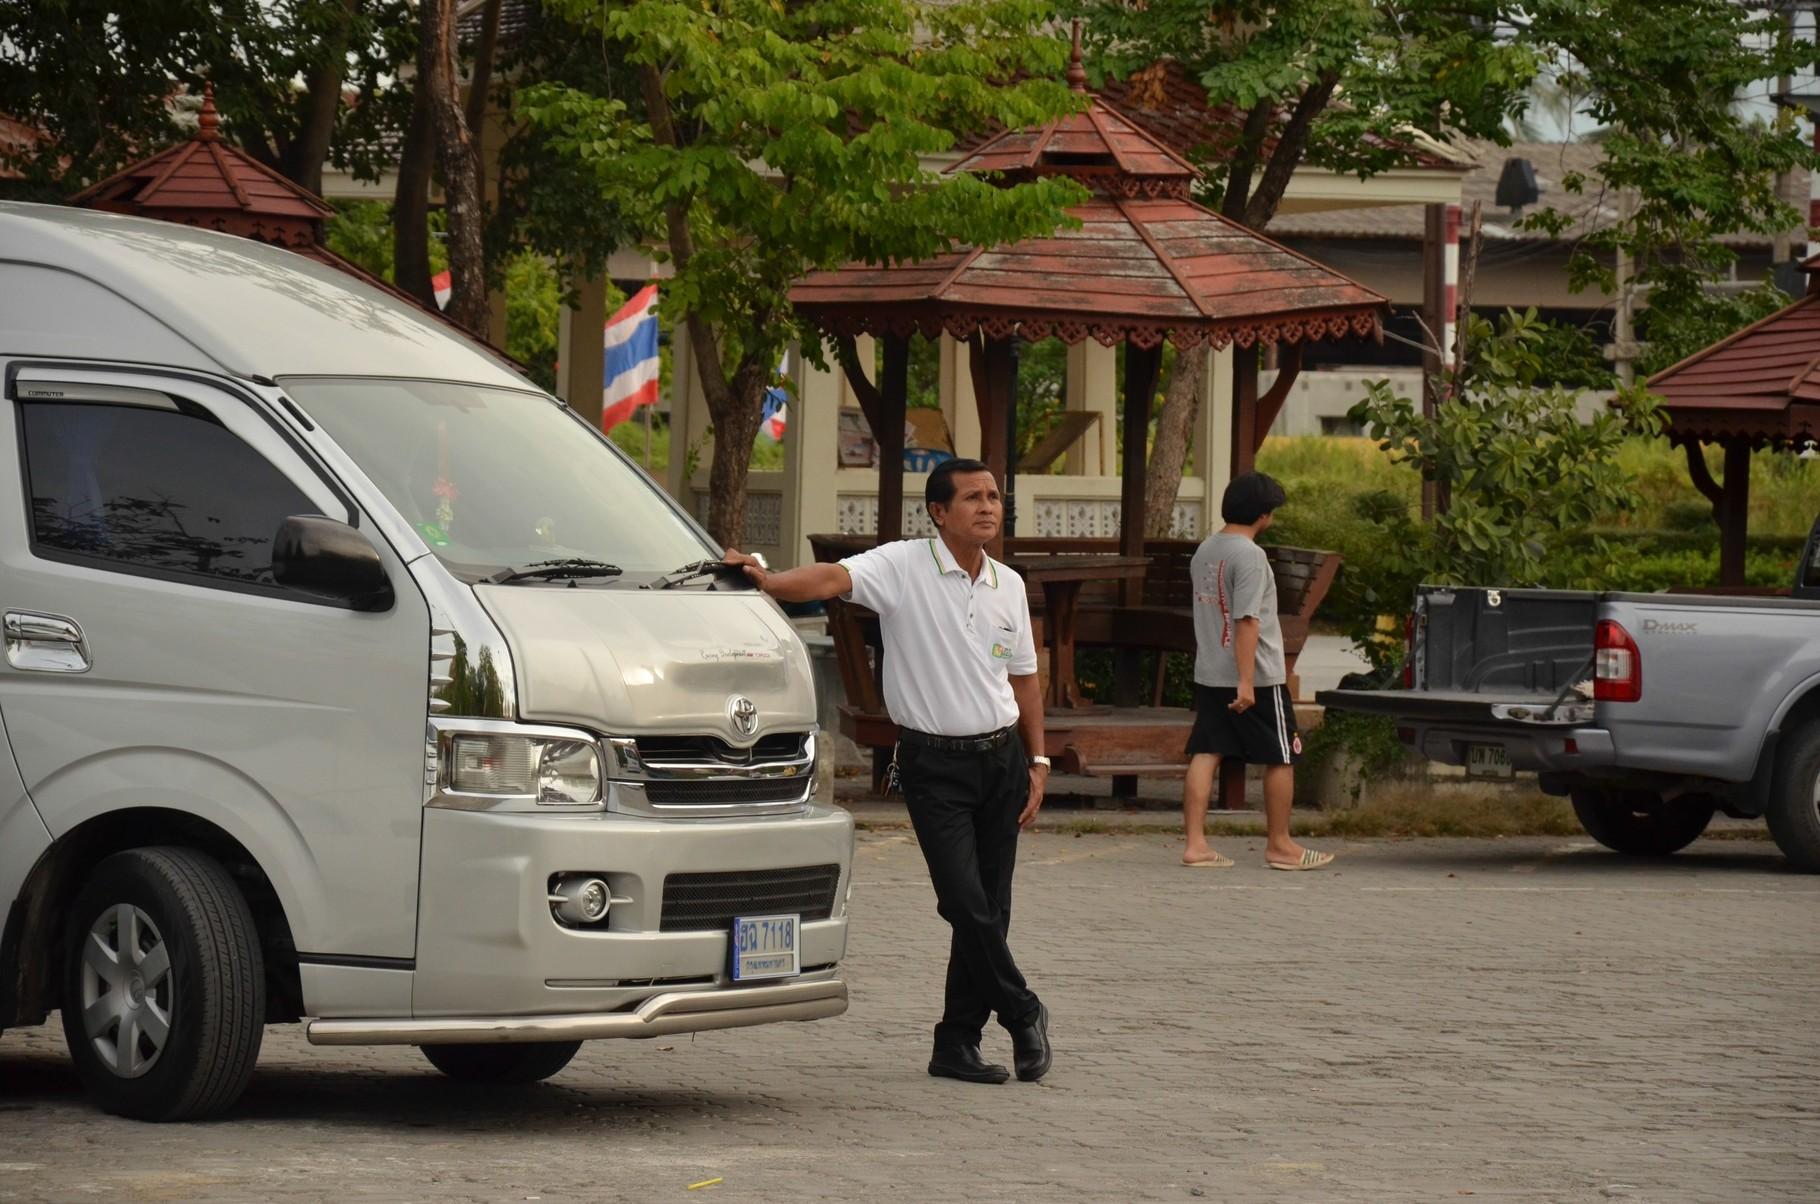 Unser Fahrer, Onkel und guter Freund Sompong